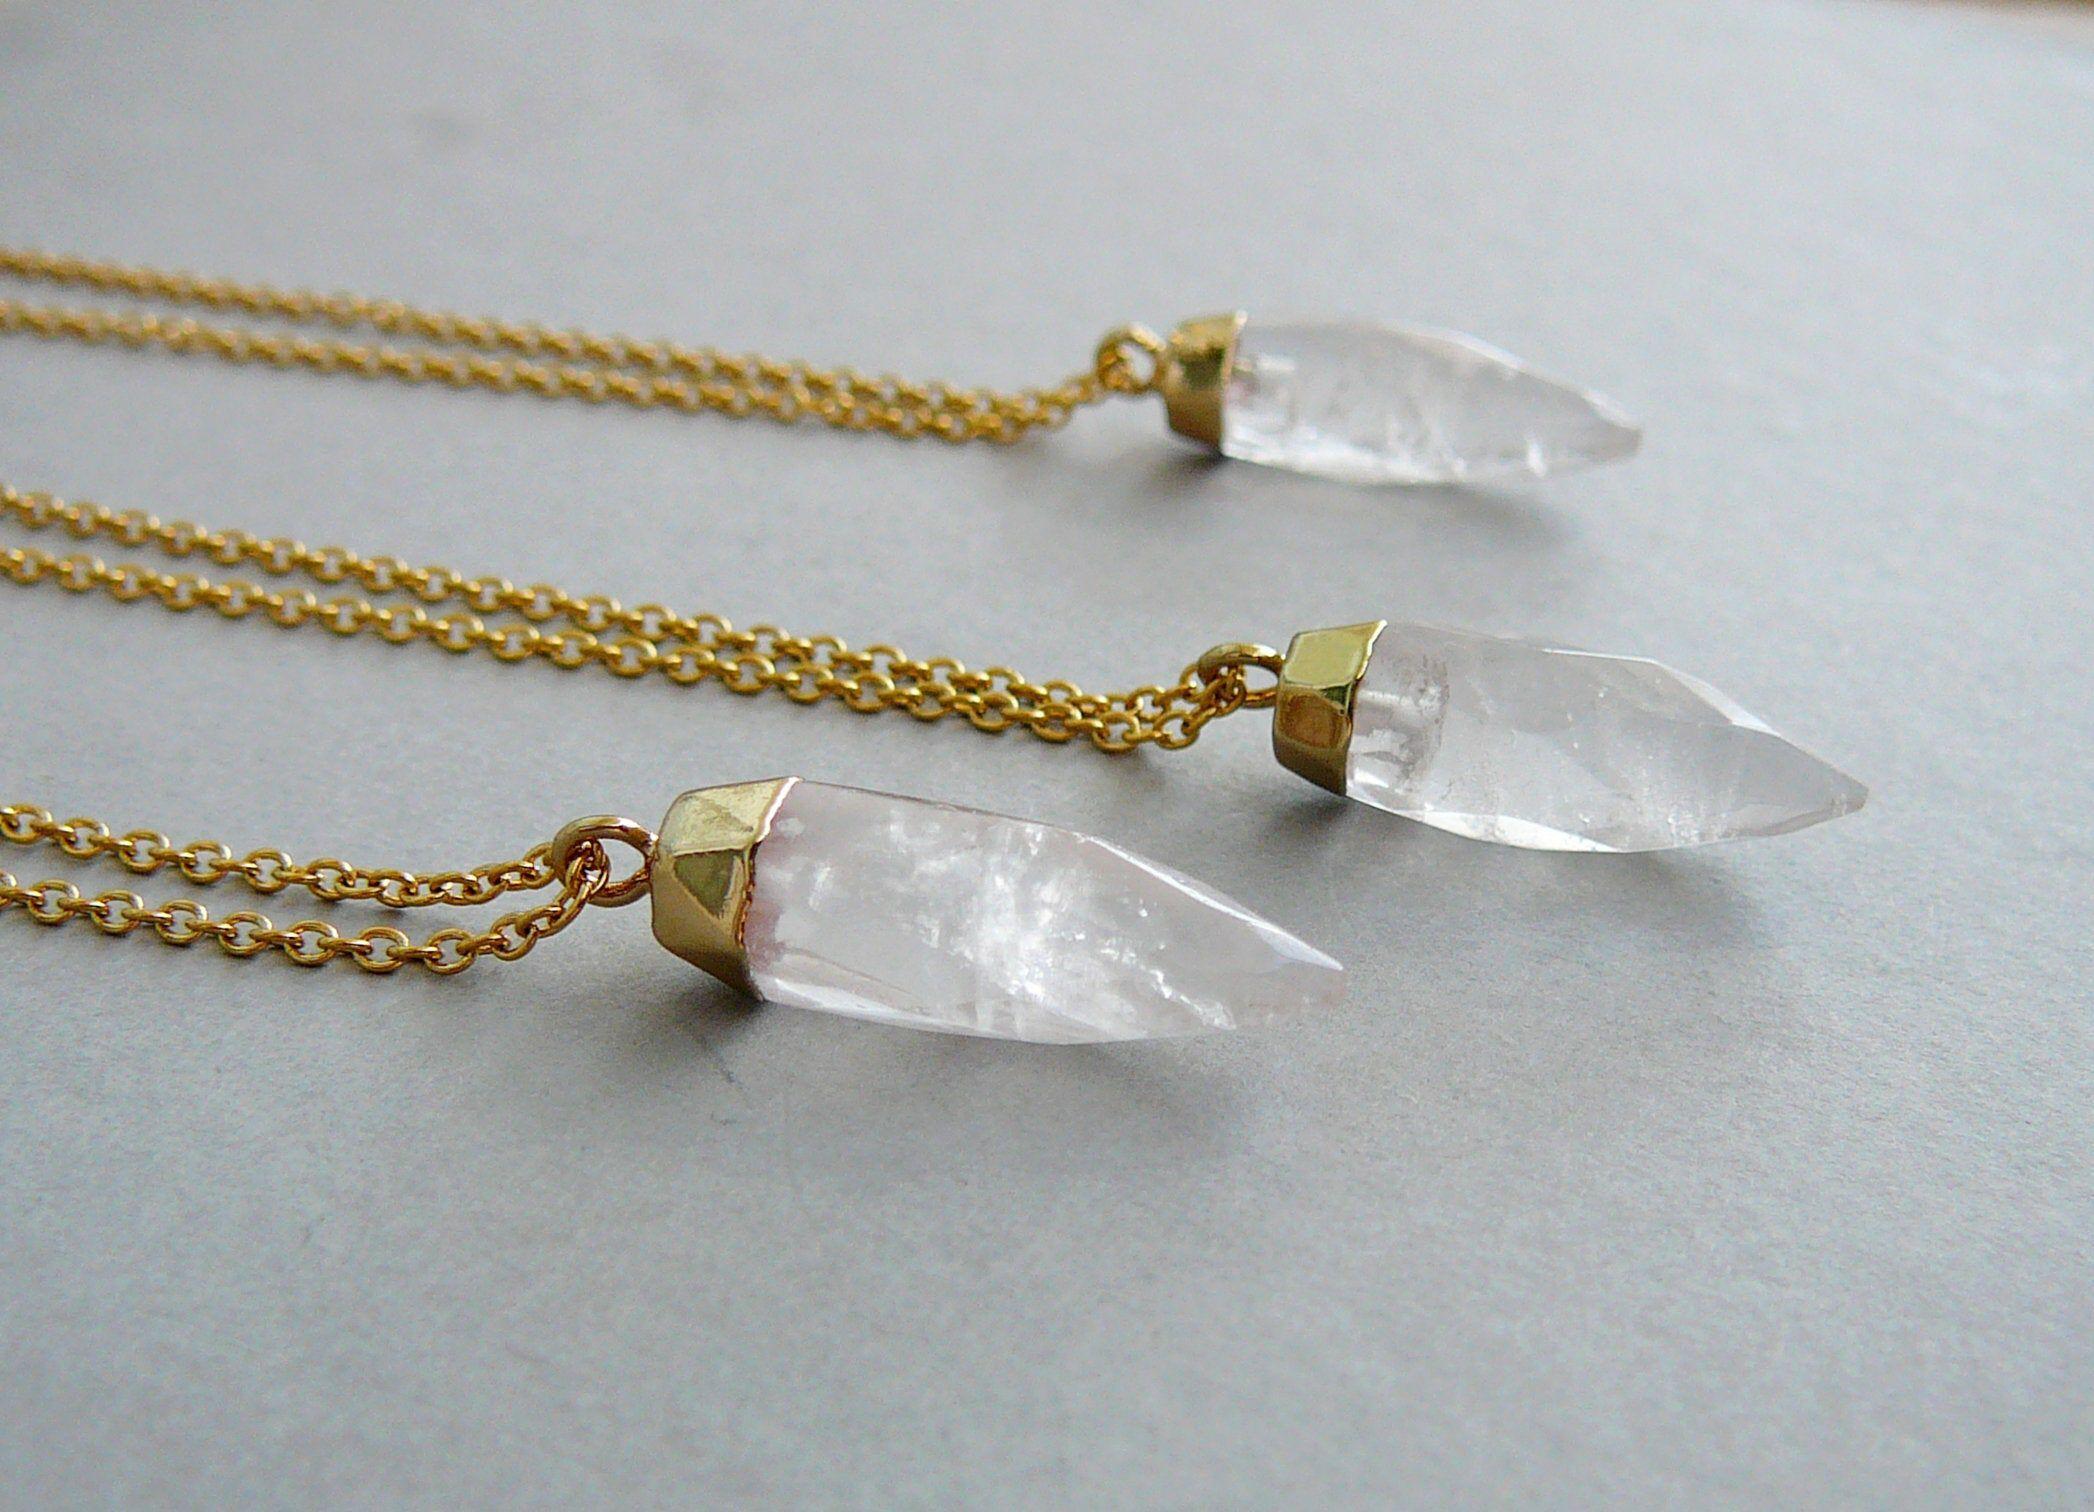 Clear Quartz Necklace Gemstone Necklace Gold Small Quartz Pendant Natural Quartz Pendant Healing Crystal Point Necklaces for women jewelry #quartznecklace